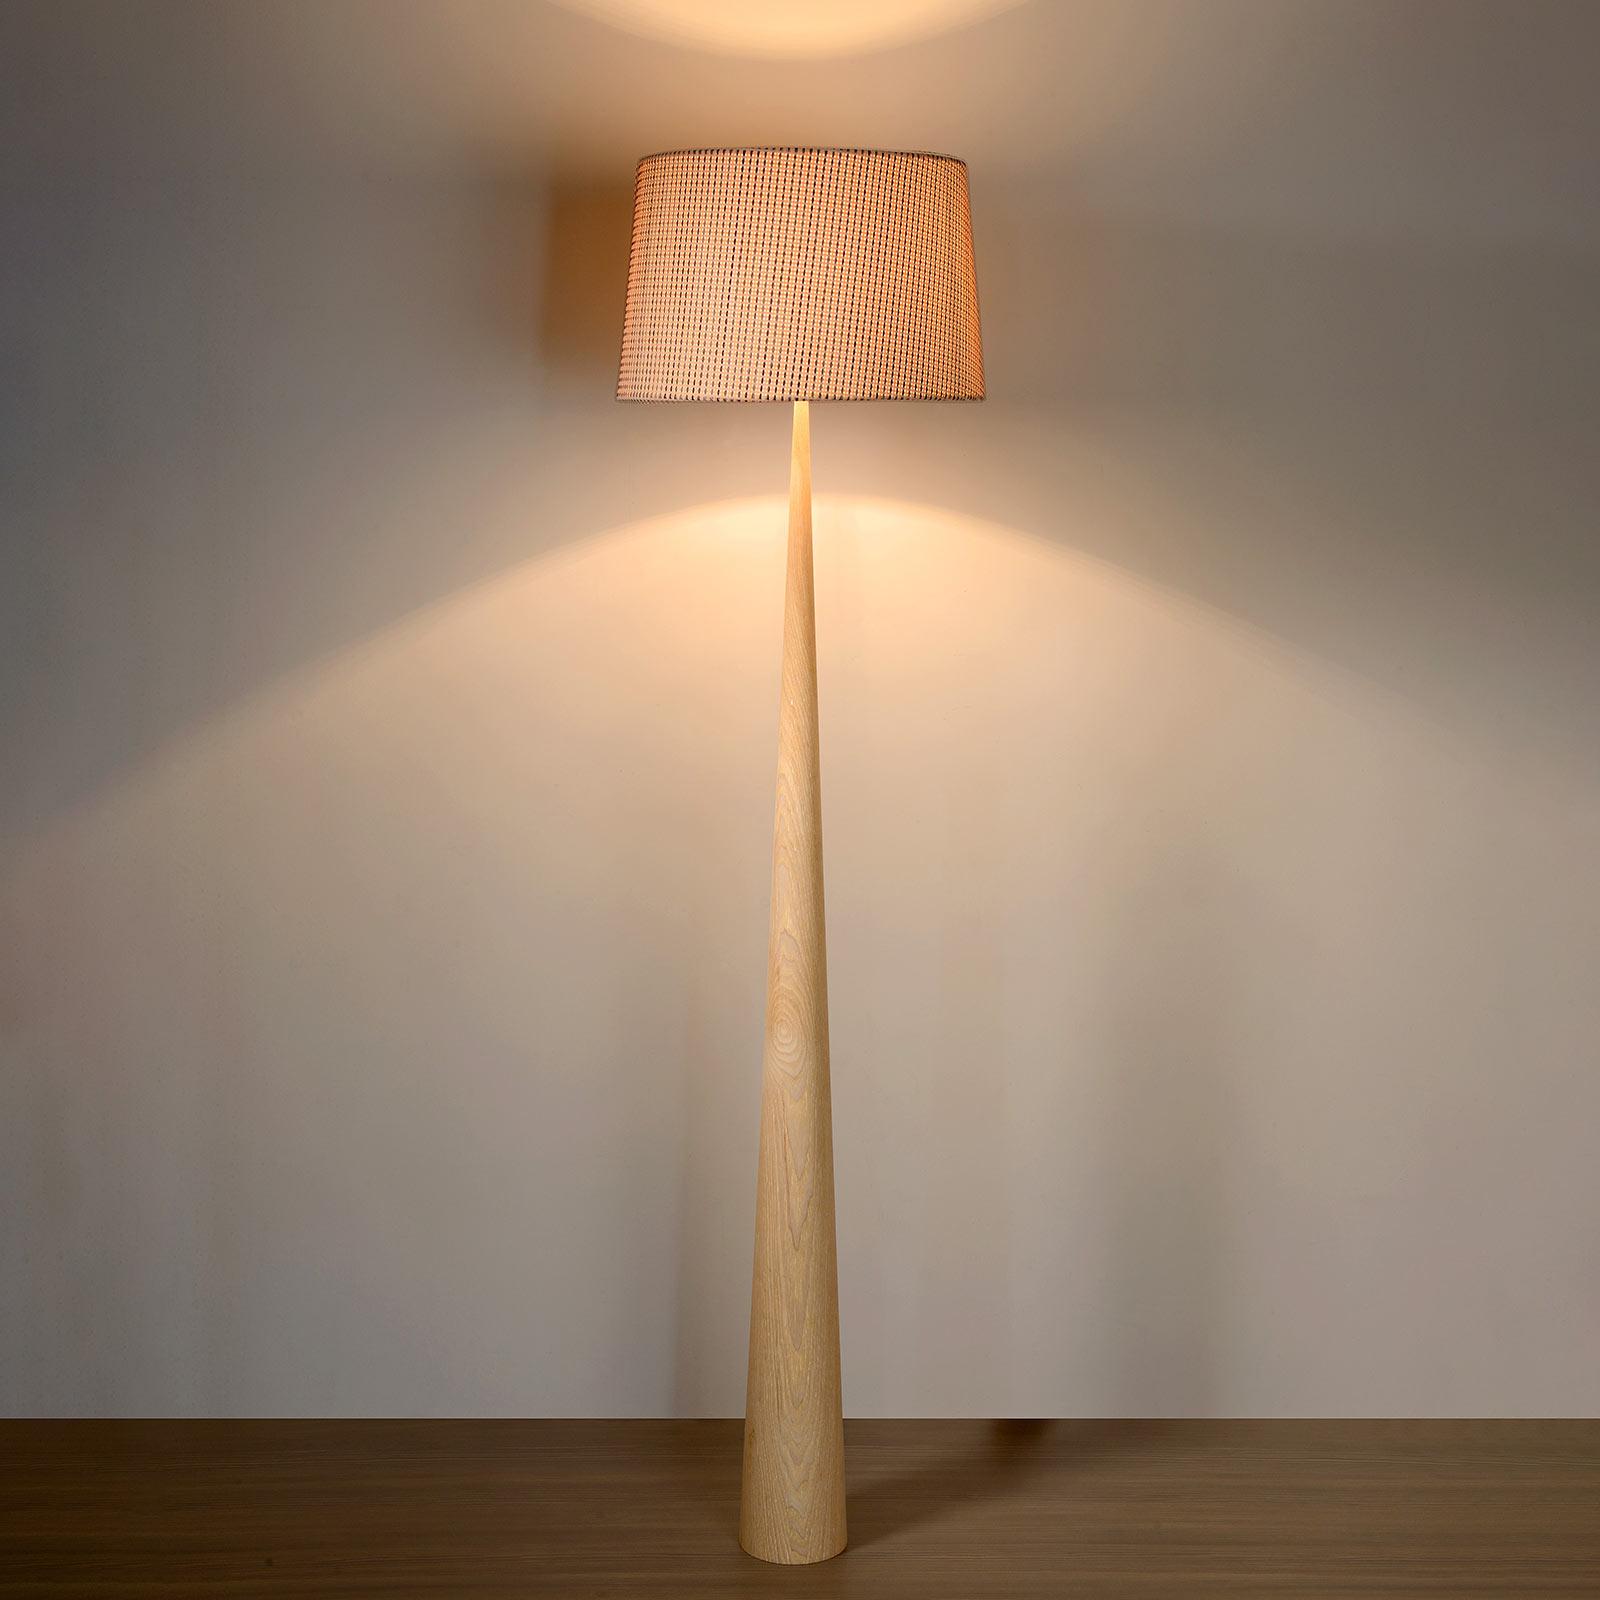 Stehleuchte Conos mit hellem Fuß aus Holz